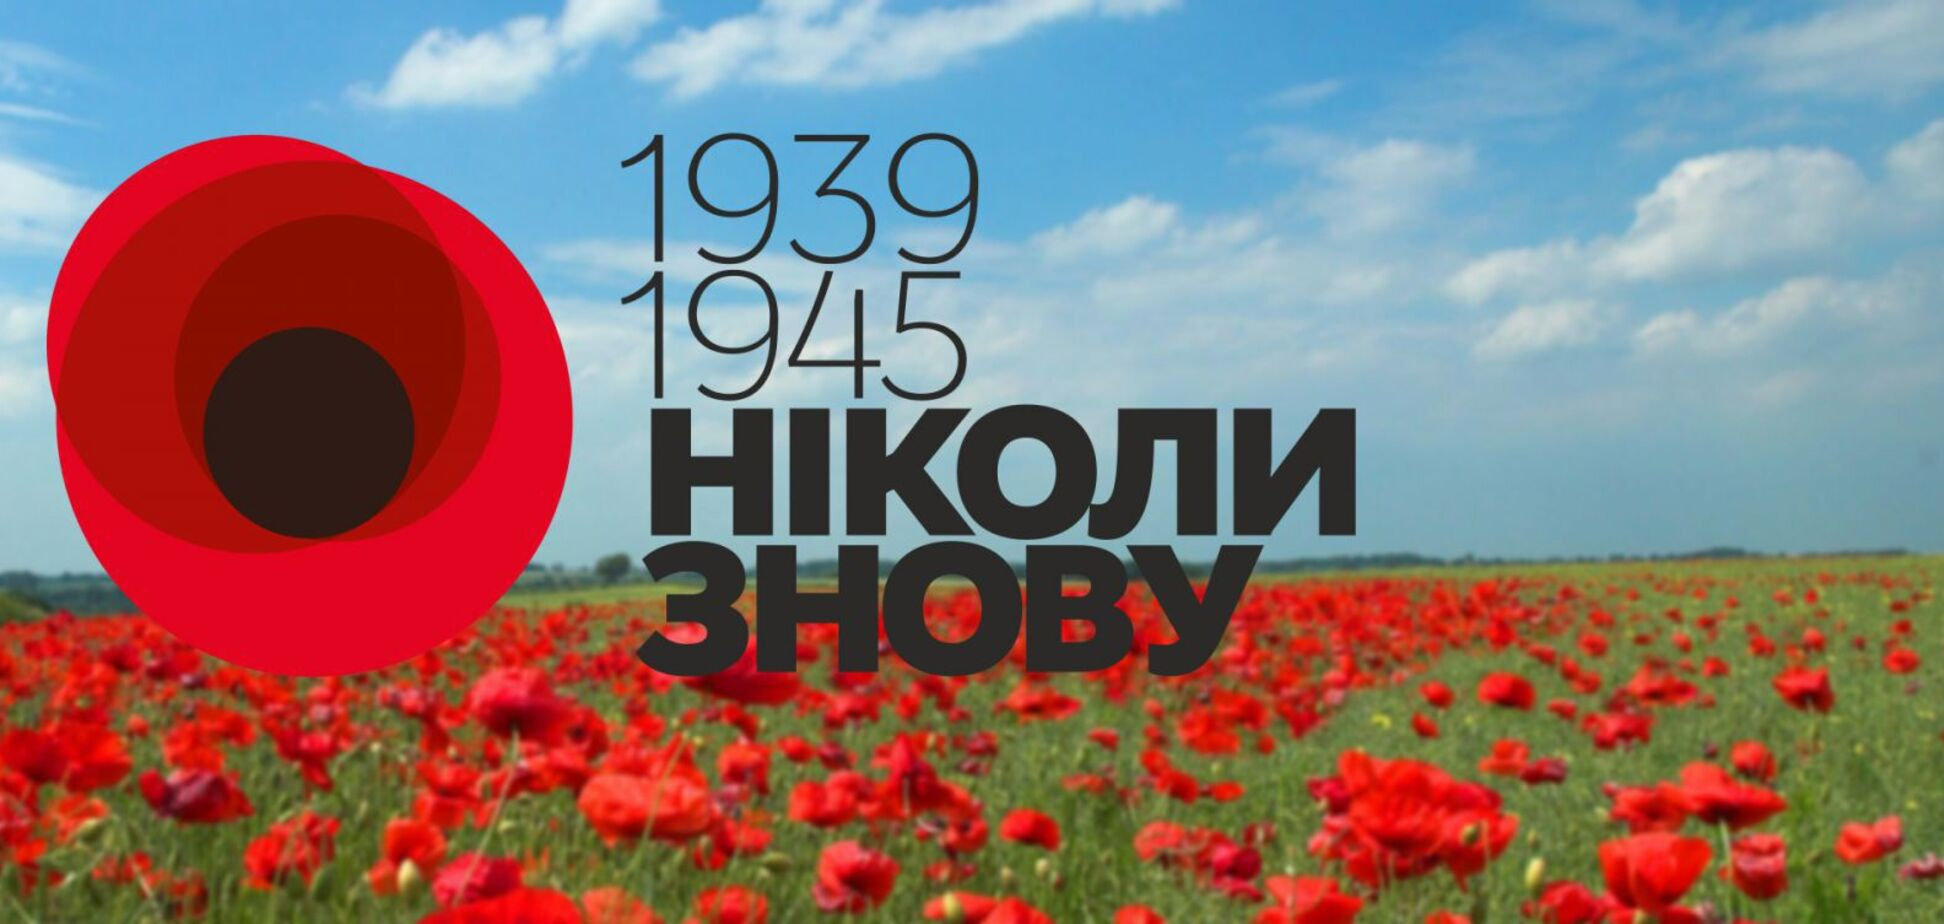 День победы над нацизмом во Второй мировой войне был учрежден в 2015 году